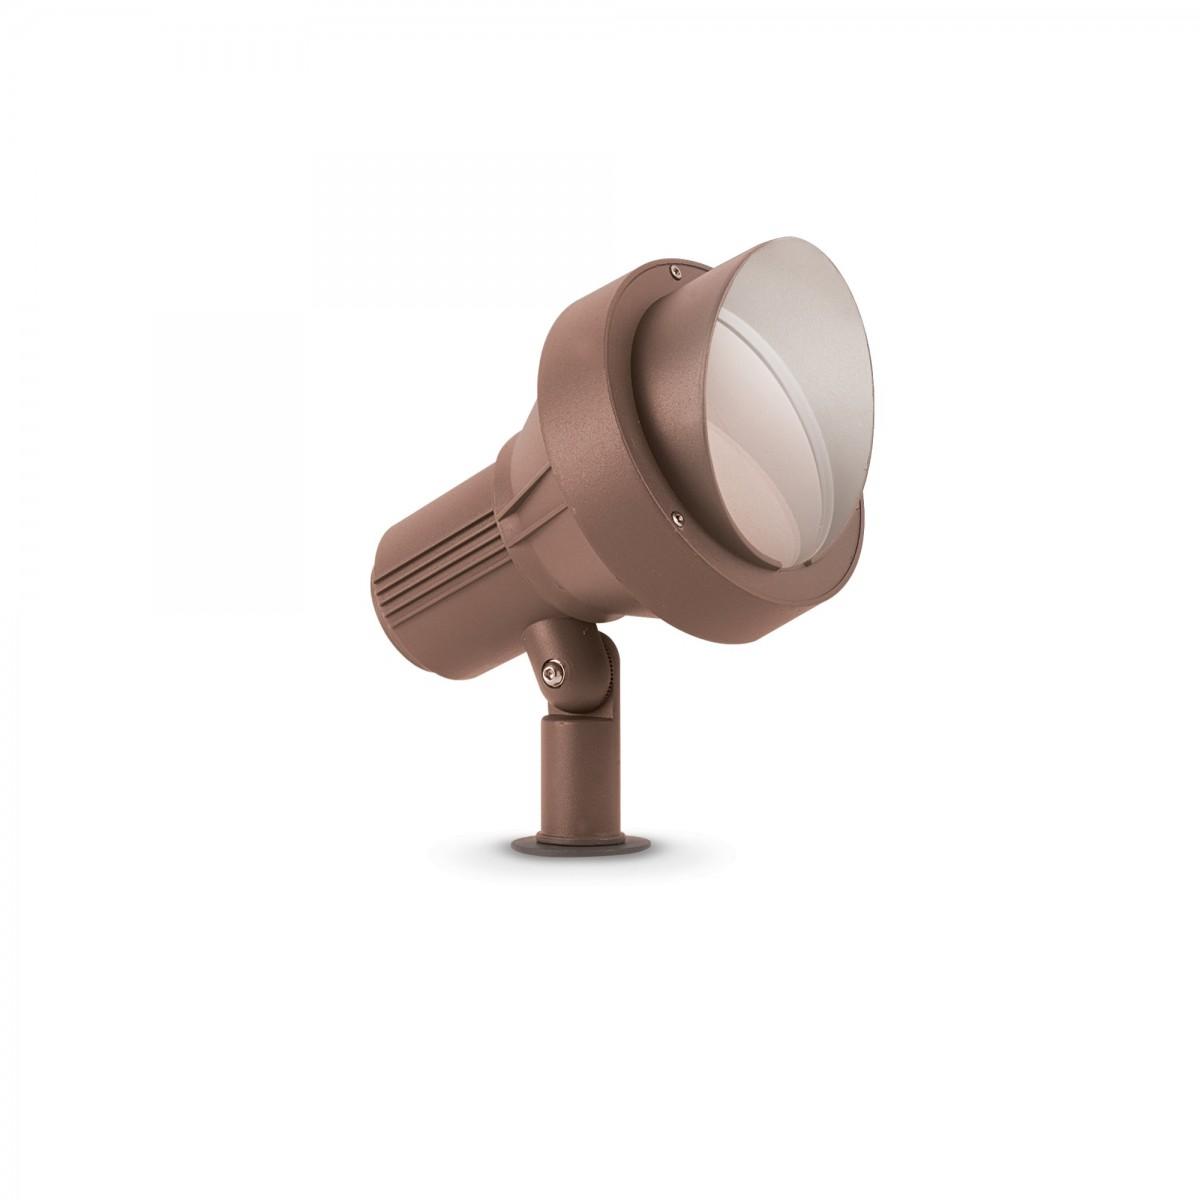 Ideal Lux 247038 zahradní bodová lampa k zapíchnutí Terra 1x60W | E27 | IP65 - kávová IdealLux 247038